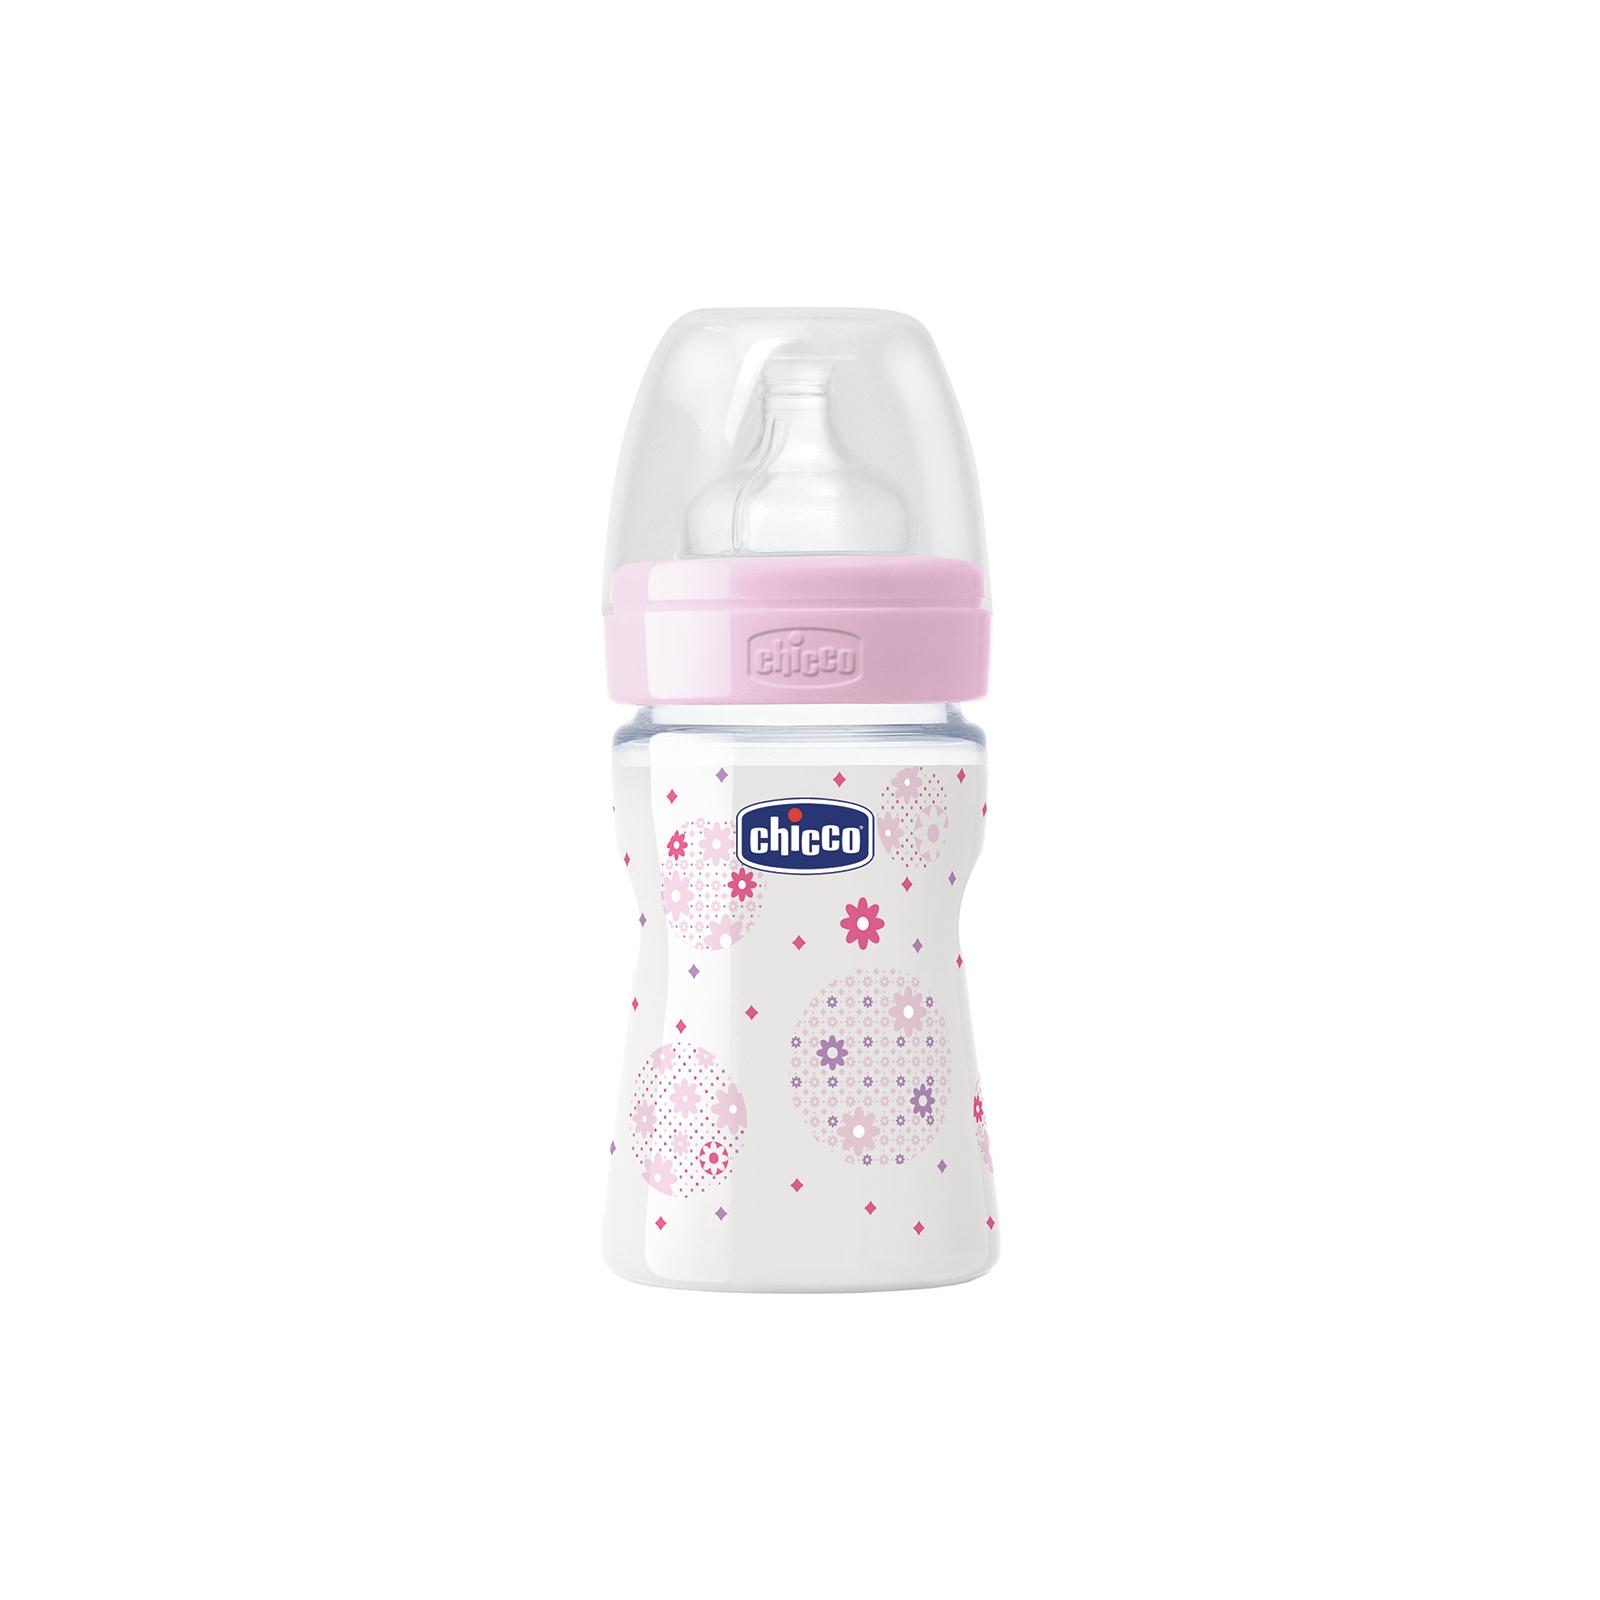 Бутылочка для кормления Chicco Well-Being 150 мл с силиконовой соской 0 мес+ для девочек (70740.01.04)